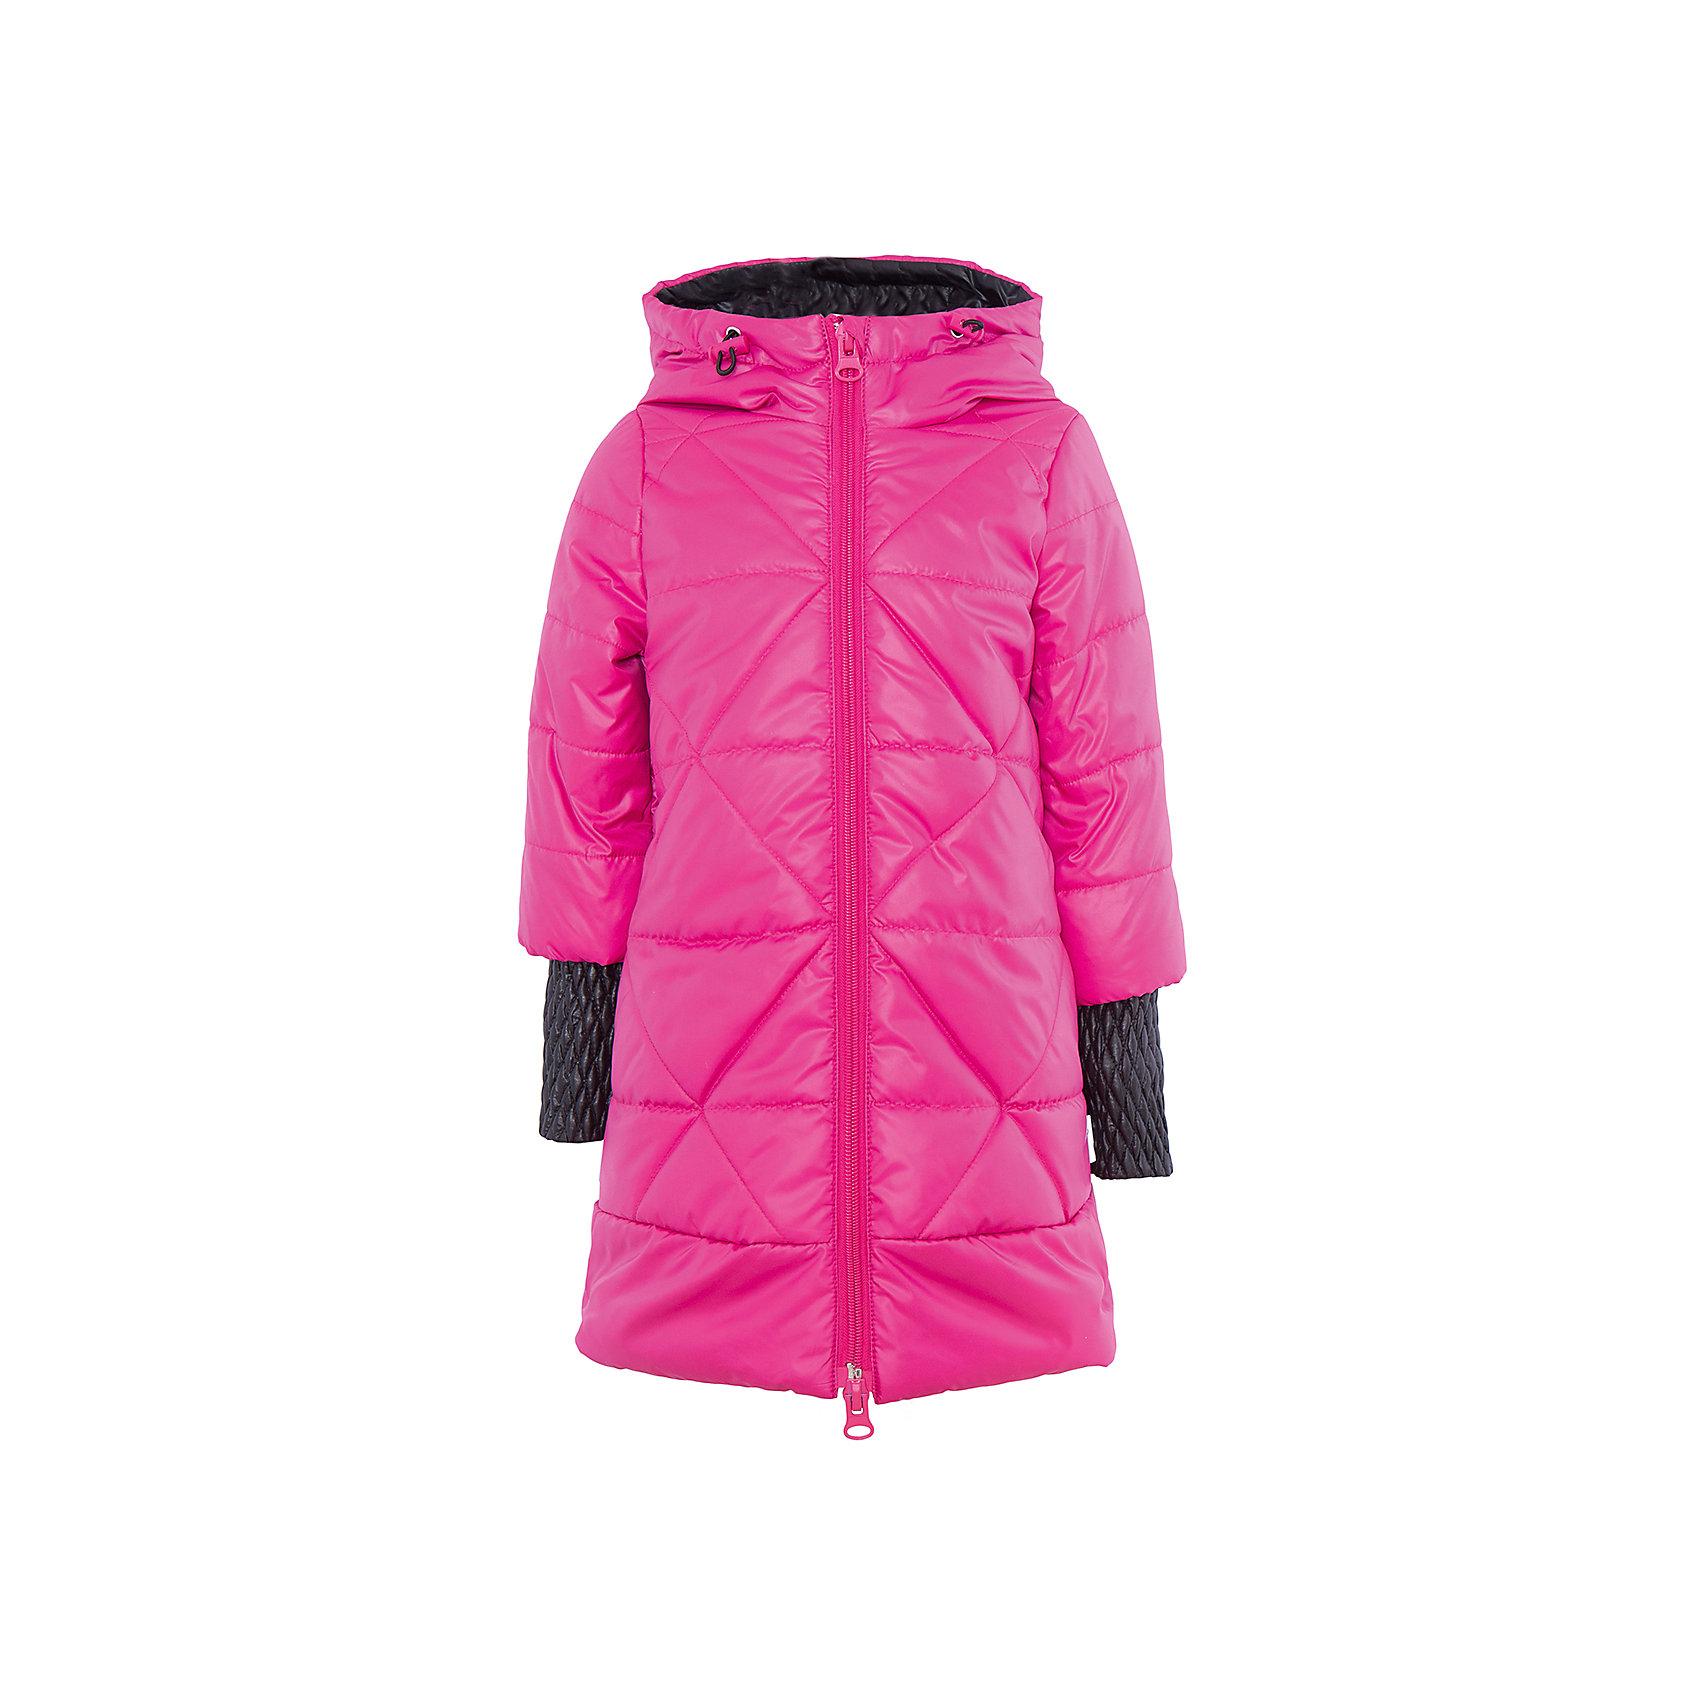 Пальто для девочки BOOM by OrbyВерхняя одежда<br>Характеристики товара:<br><br>• цвет: розовый<br>• состав: 100% полиэстер<br>• ткань верха: Таффета oil cire с pu.<br>• подкладка: ПЭ пуходержащий.<br>• утеплитель: Flexy Fiber 150 г/м2.<br>• отделка: Таффета oil cire pu стеганая<br>• Flexy Fiber - это искусственный аналог лебяжьего пуха<br>• карманы<br>• температурный режим: от +10°до 0°С <br>• капюшон (не отстегивается)<br>• высокий воротник<br>• застежка - молния<br>• стеганое<br>• длина до колен<br>• комфортная посадка<br>• страна производства: Российская Федерация<br>• страна бренда: Российская Федерация<br>• коллекция: весна-лето 2017<br><br>Такое пальто - отличный вариант для походов в школу в межсезонье с его постоянно меняющейся погодой. Эта модель - модная и удобная одновременно! Изделие отличается стильным оригинальным дизайном. Пальто хорошо сидит по фигуре, отлично сочетается с различным низом. Вещь была разработана специально для детей.<br><br>Одежда от российского бренда BOOM by Orby уже завоевала популярностью у многих детей и их родителей. Вещи, выпускаемые компанией, качественные, продуманные и очень удобные. Для производства коллекций используются только безопасные для детей материалы. Спешите приобрести модели из новой коллекции Весна-лето 2017! <br><br>Пальто для девочки от бренда BOOM by Orby можно купить в нашем интернет-магазине.<br><br>Ширина мм: 356<br>Глубина мм: 10<br>Высота мм: 245<br>Вес г: 519<br>Цвет: розовый<br>Возраст от месяцев: 36<br>Возраст до месяцев: 48<br>Пол: Женский<br>Возраст: Детский<br>Размер: 104,170,110,98,116,122,128,134,140,146,152,158,164<br>SKU: 5343778